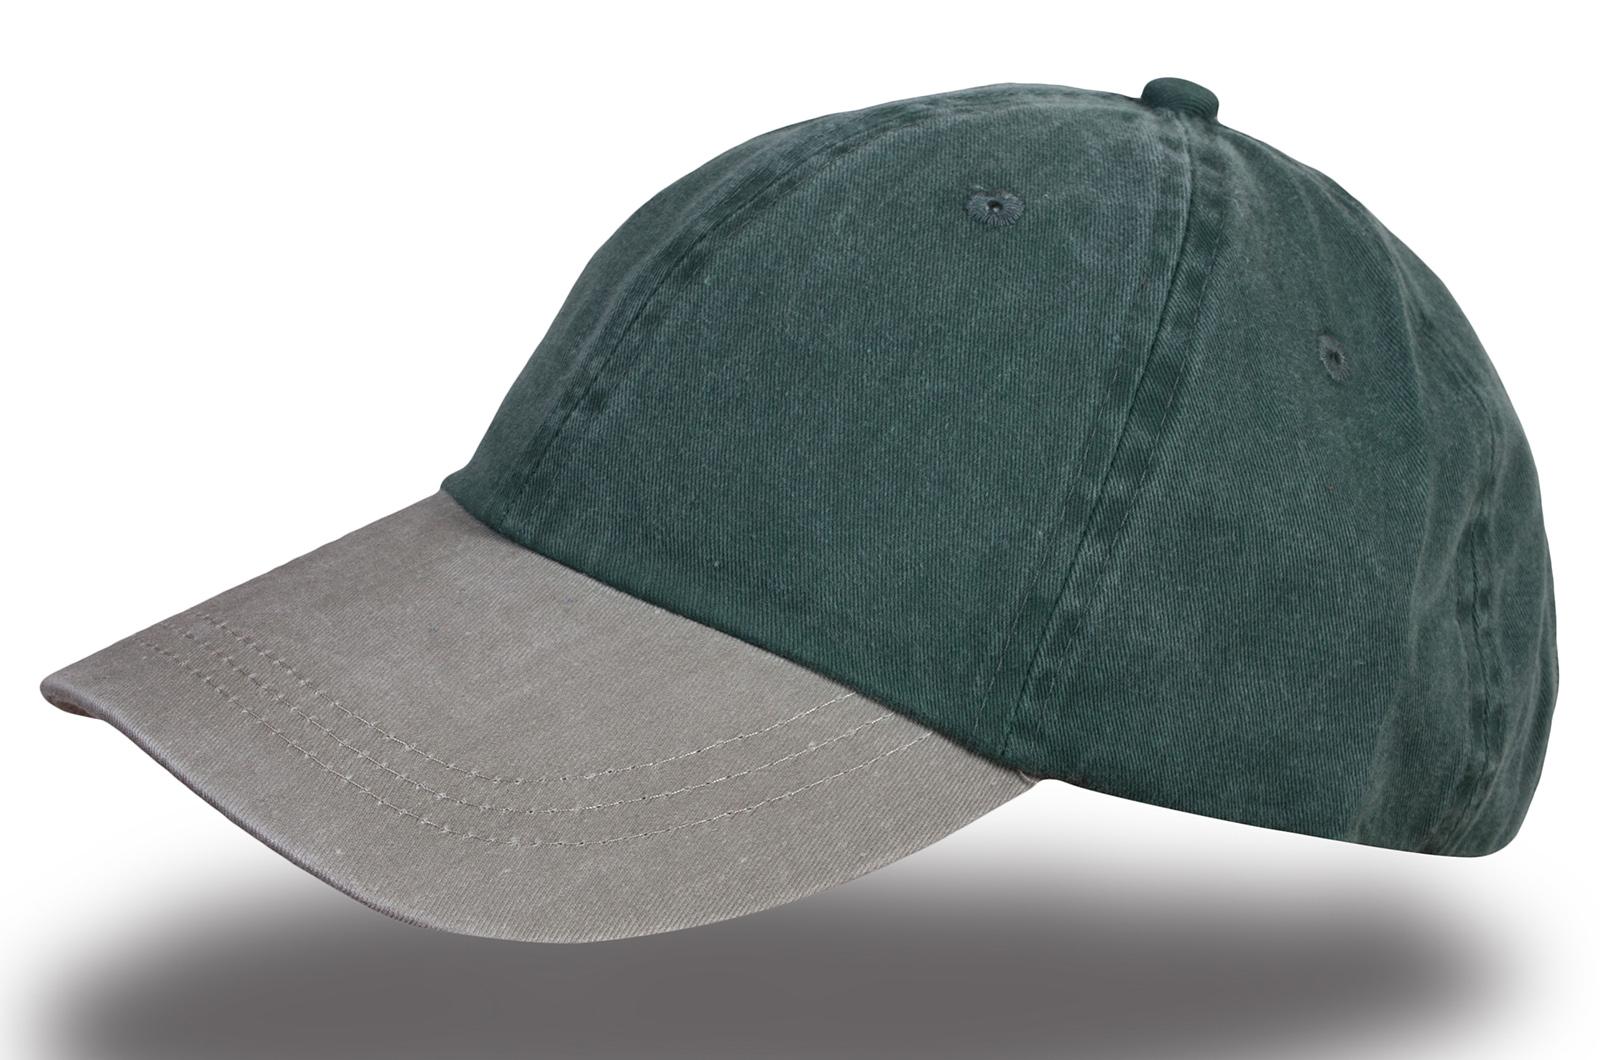 Бейсболка меланж серо-зеленая - купить в интернет-магазине с доставкой